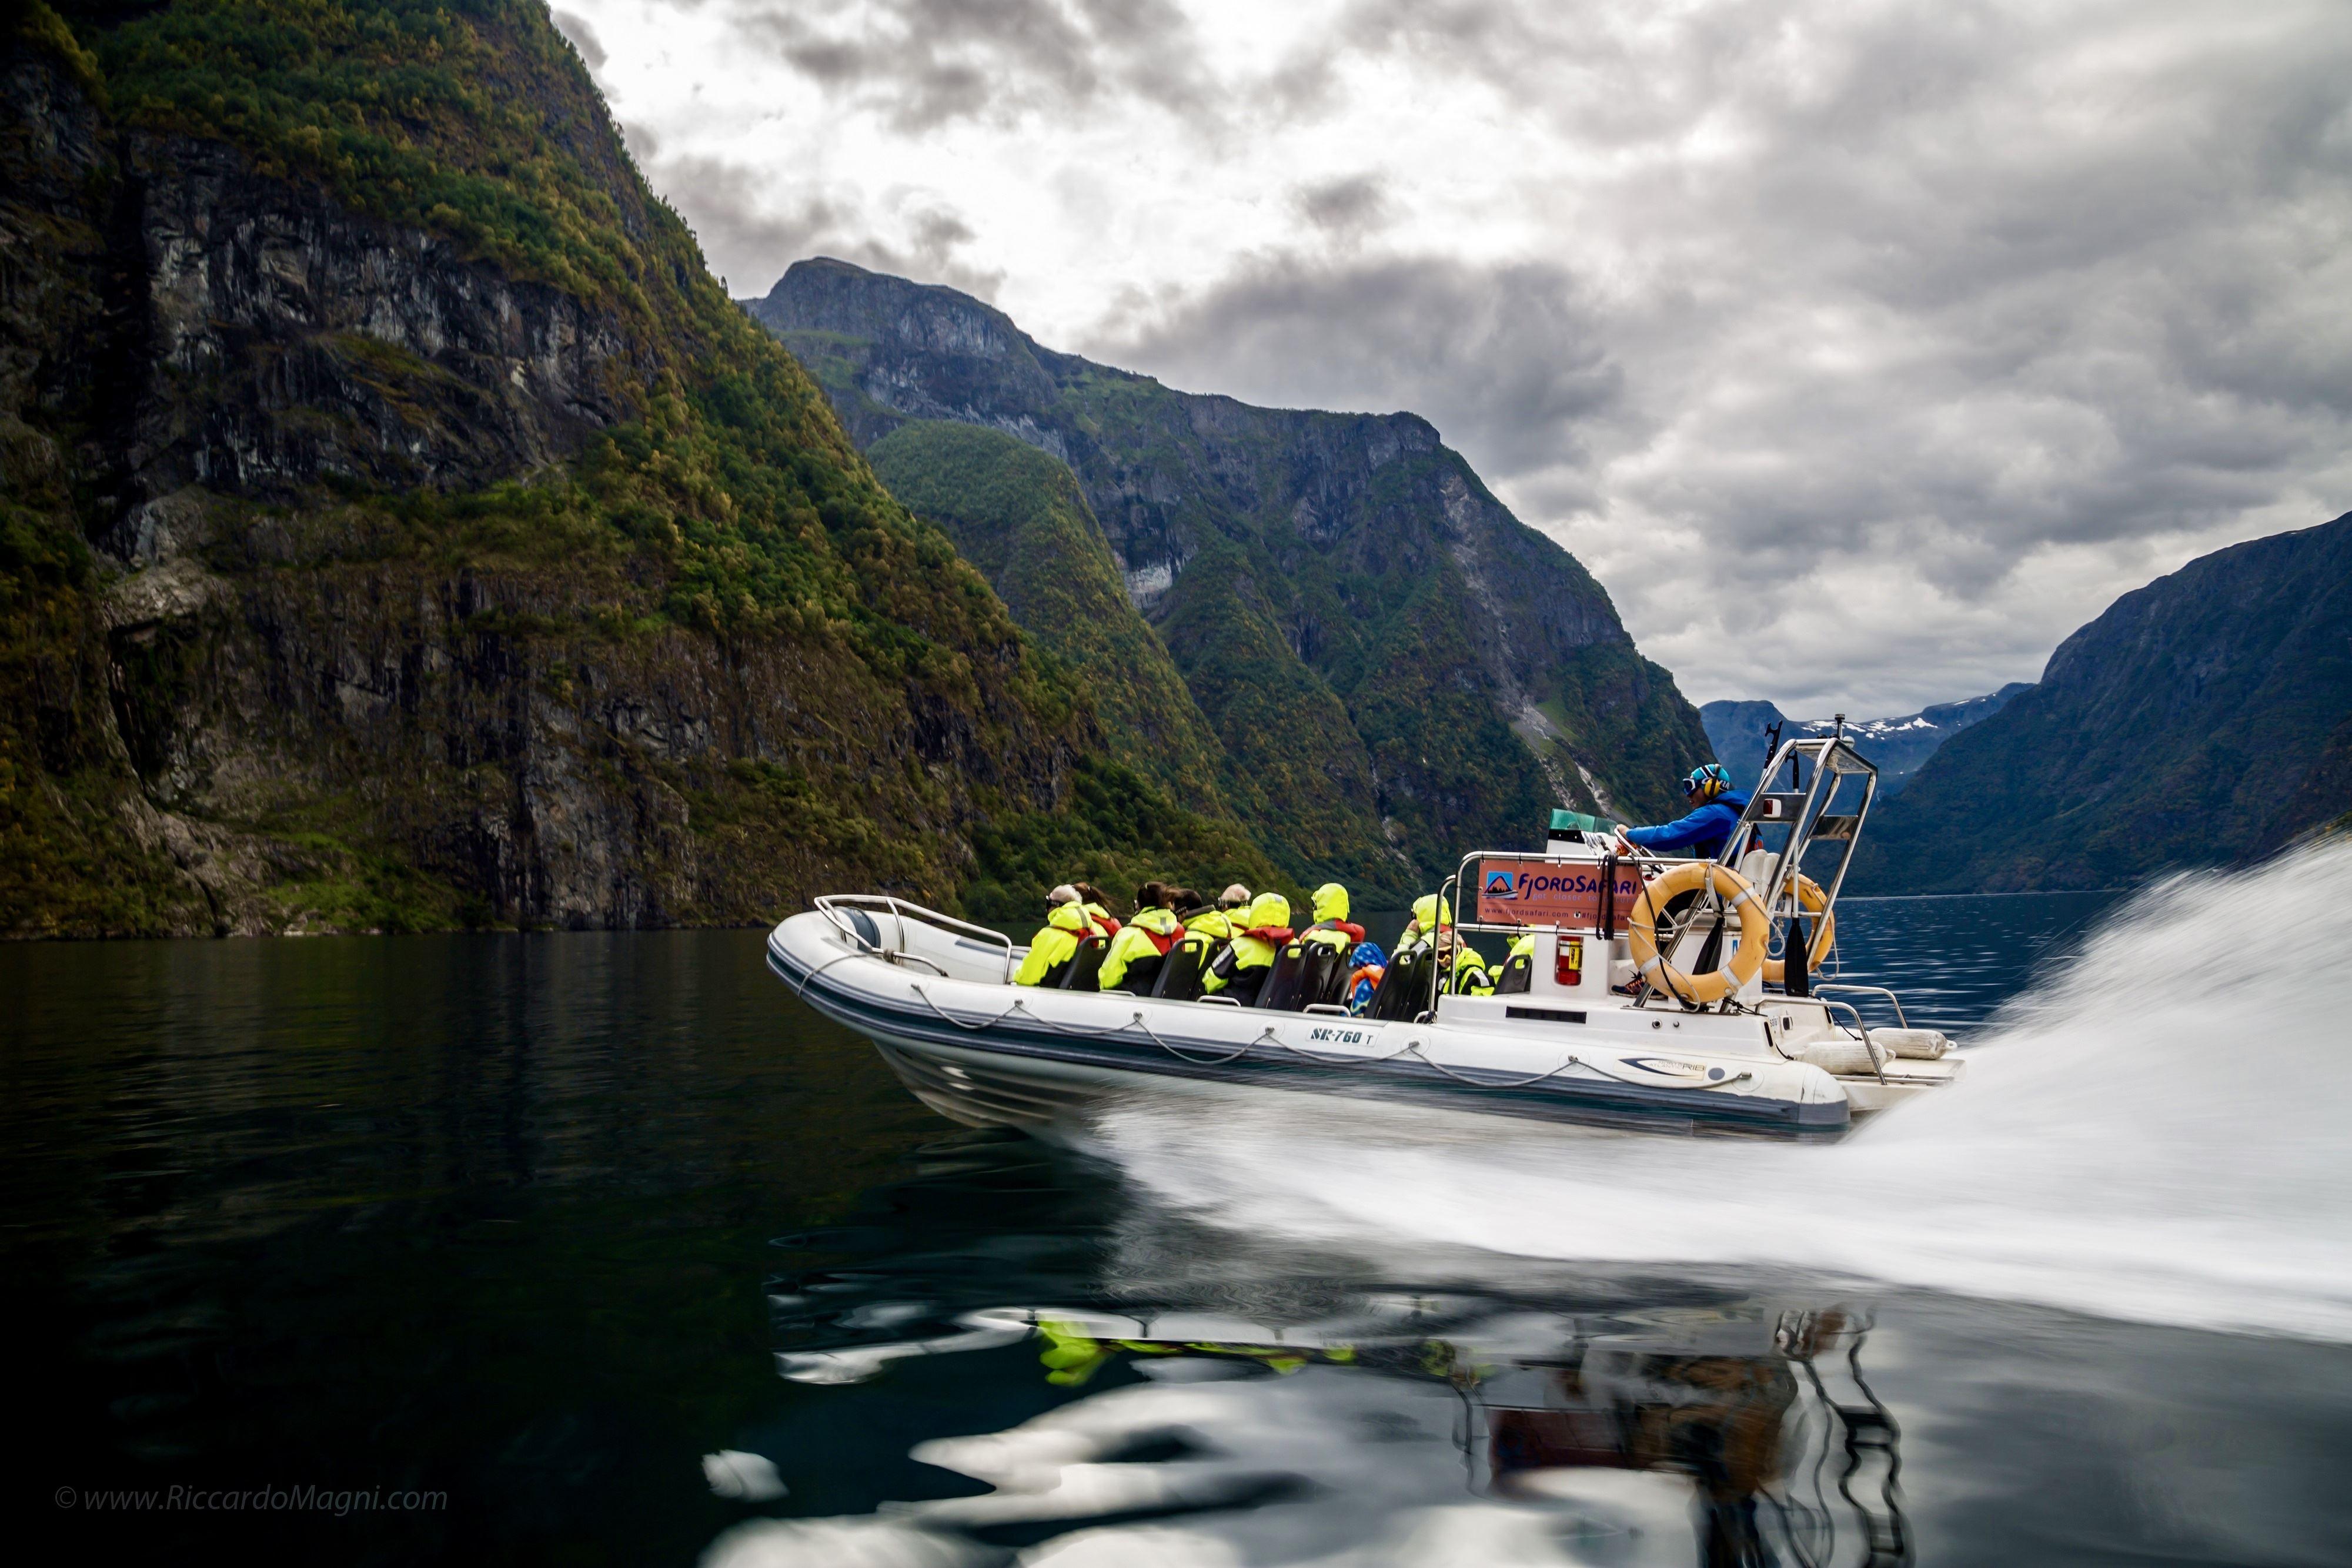 © Recardo Magni, Basic FjordSafari